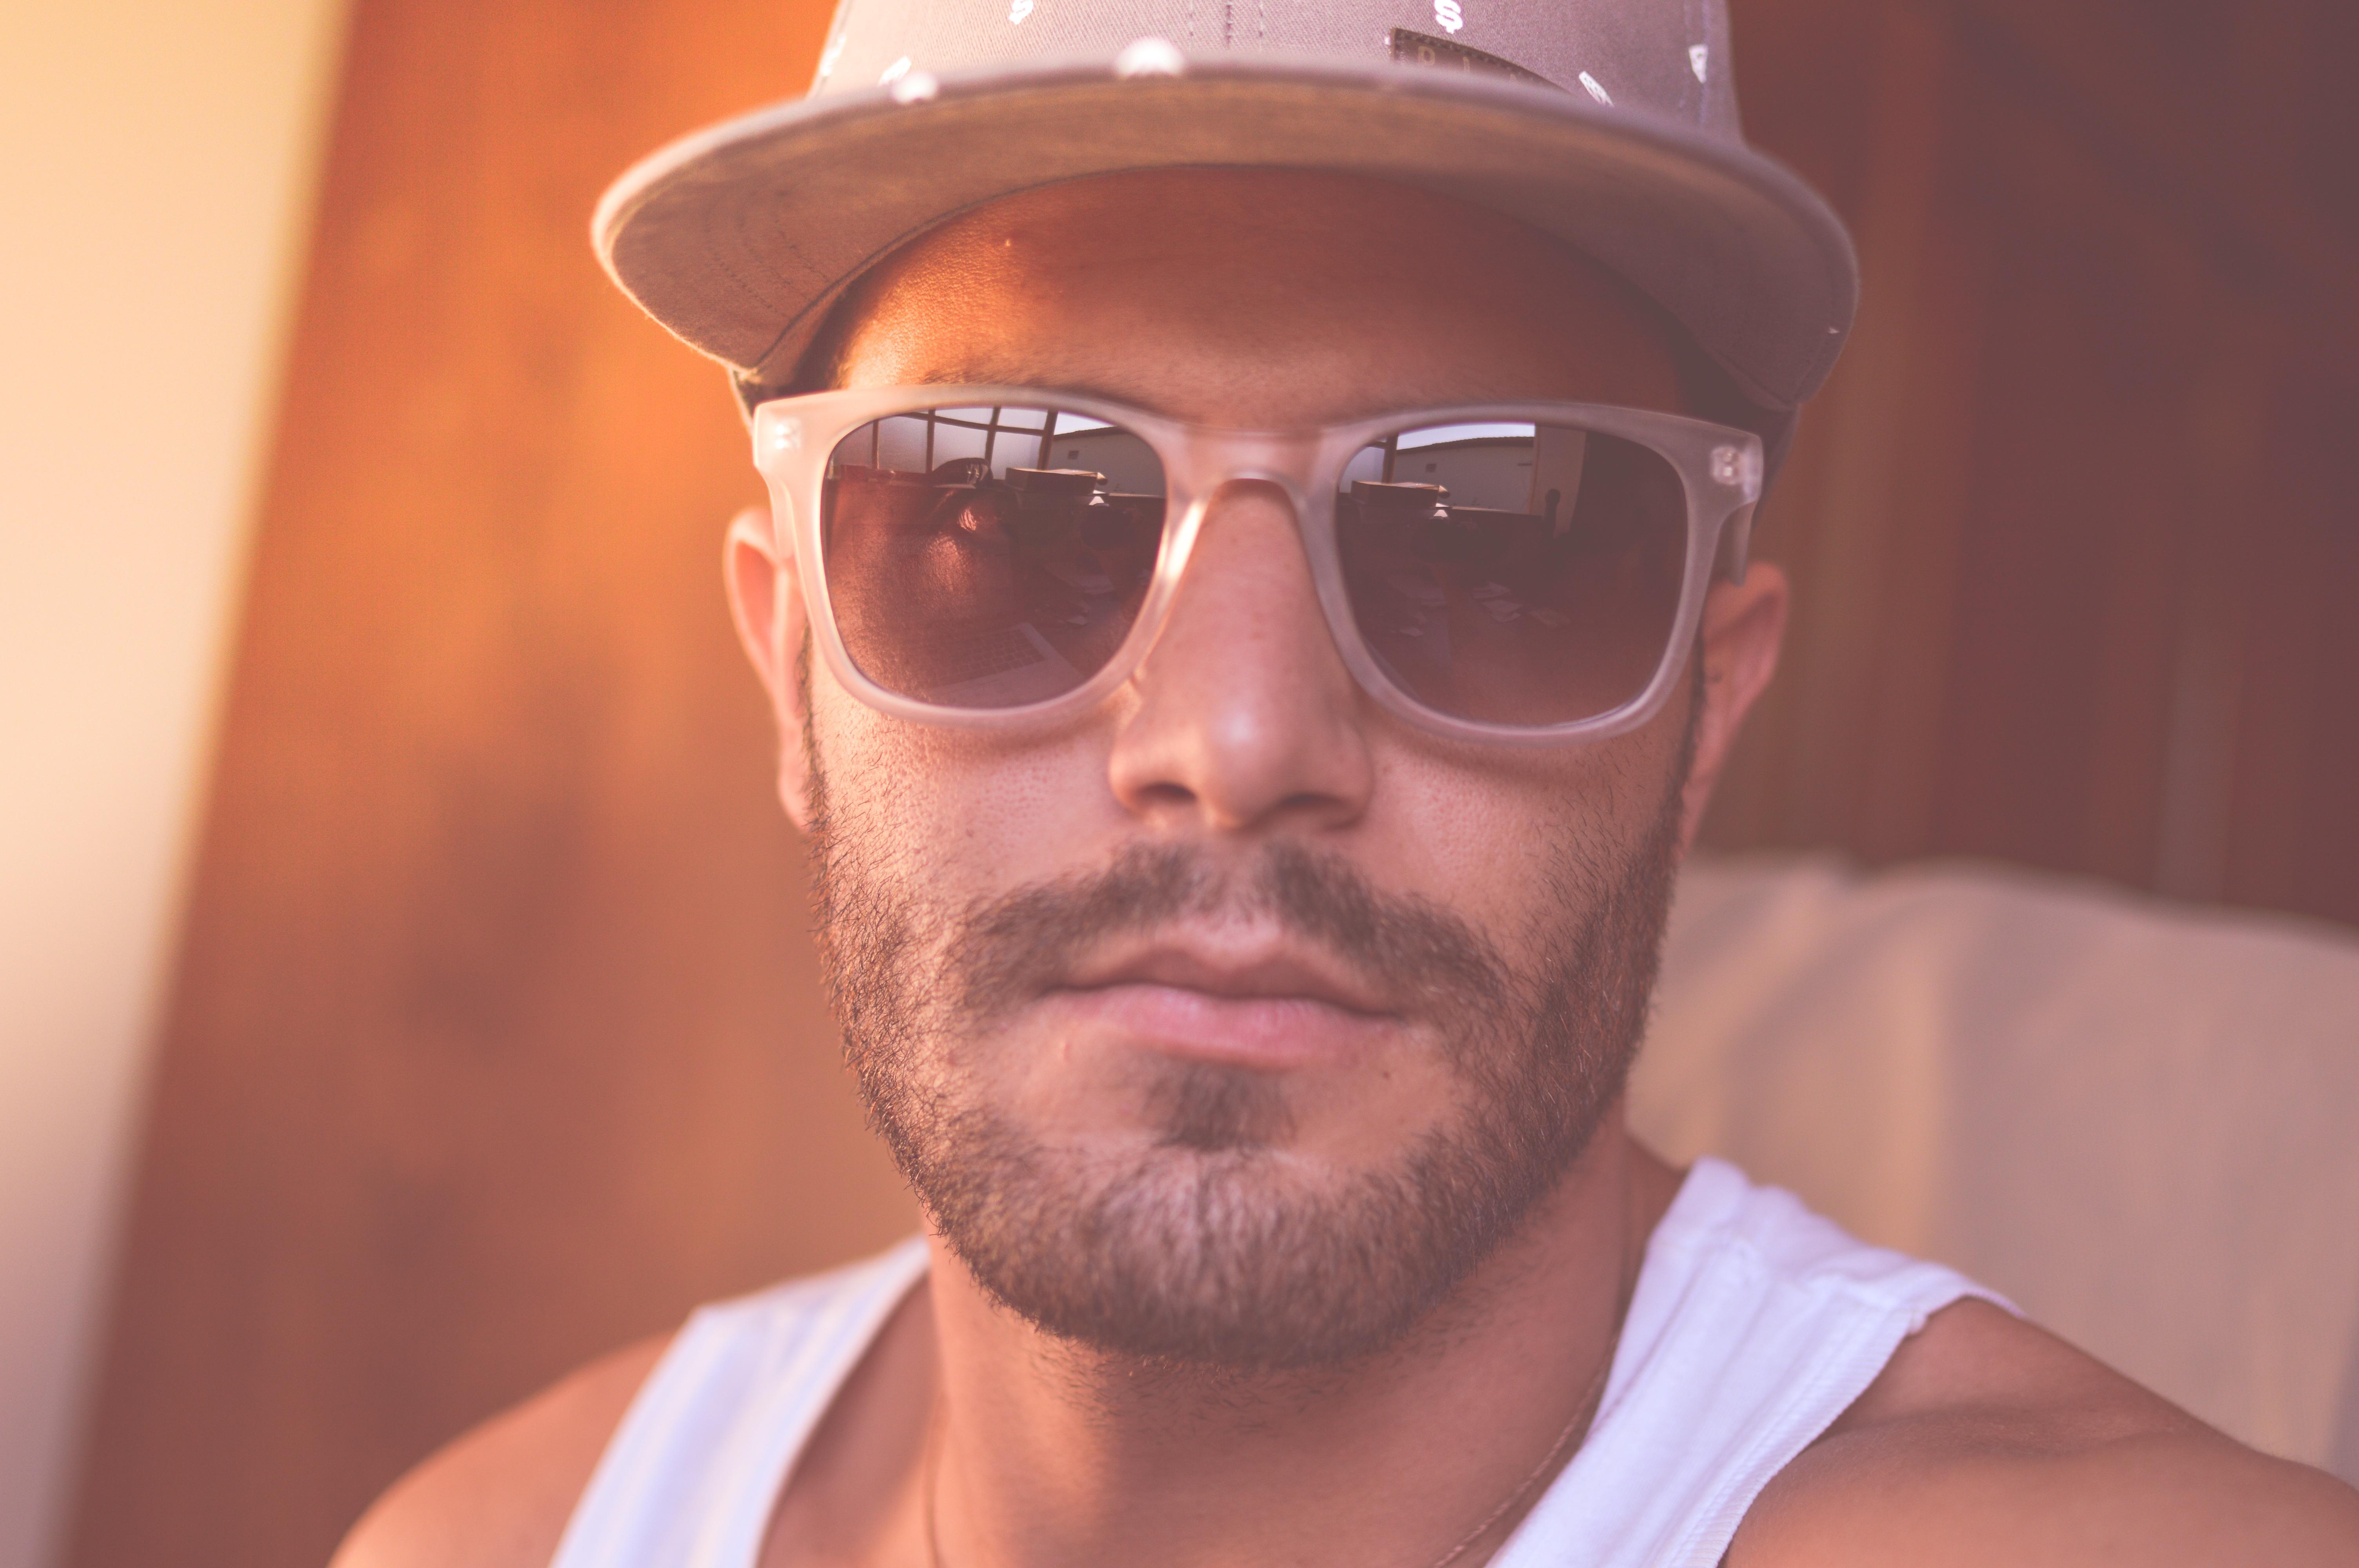 02c01fe46e8 man person hair male portrait color hat hairstyle beard face nose sunglasses  glasses selfie head moustache